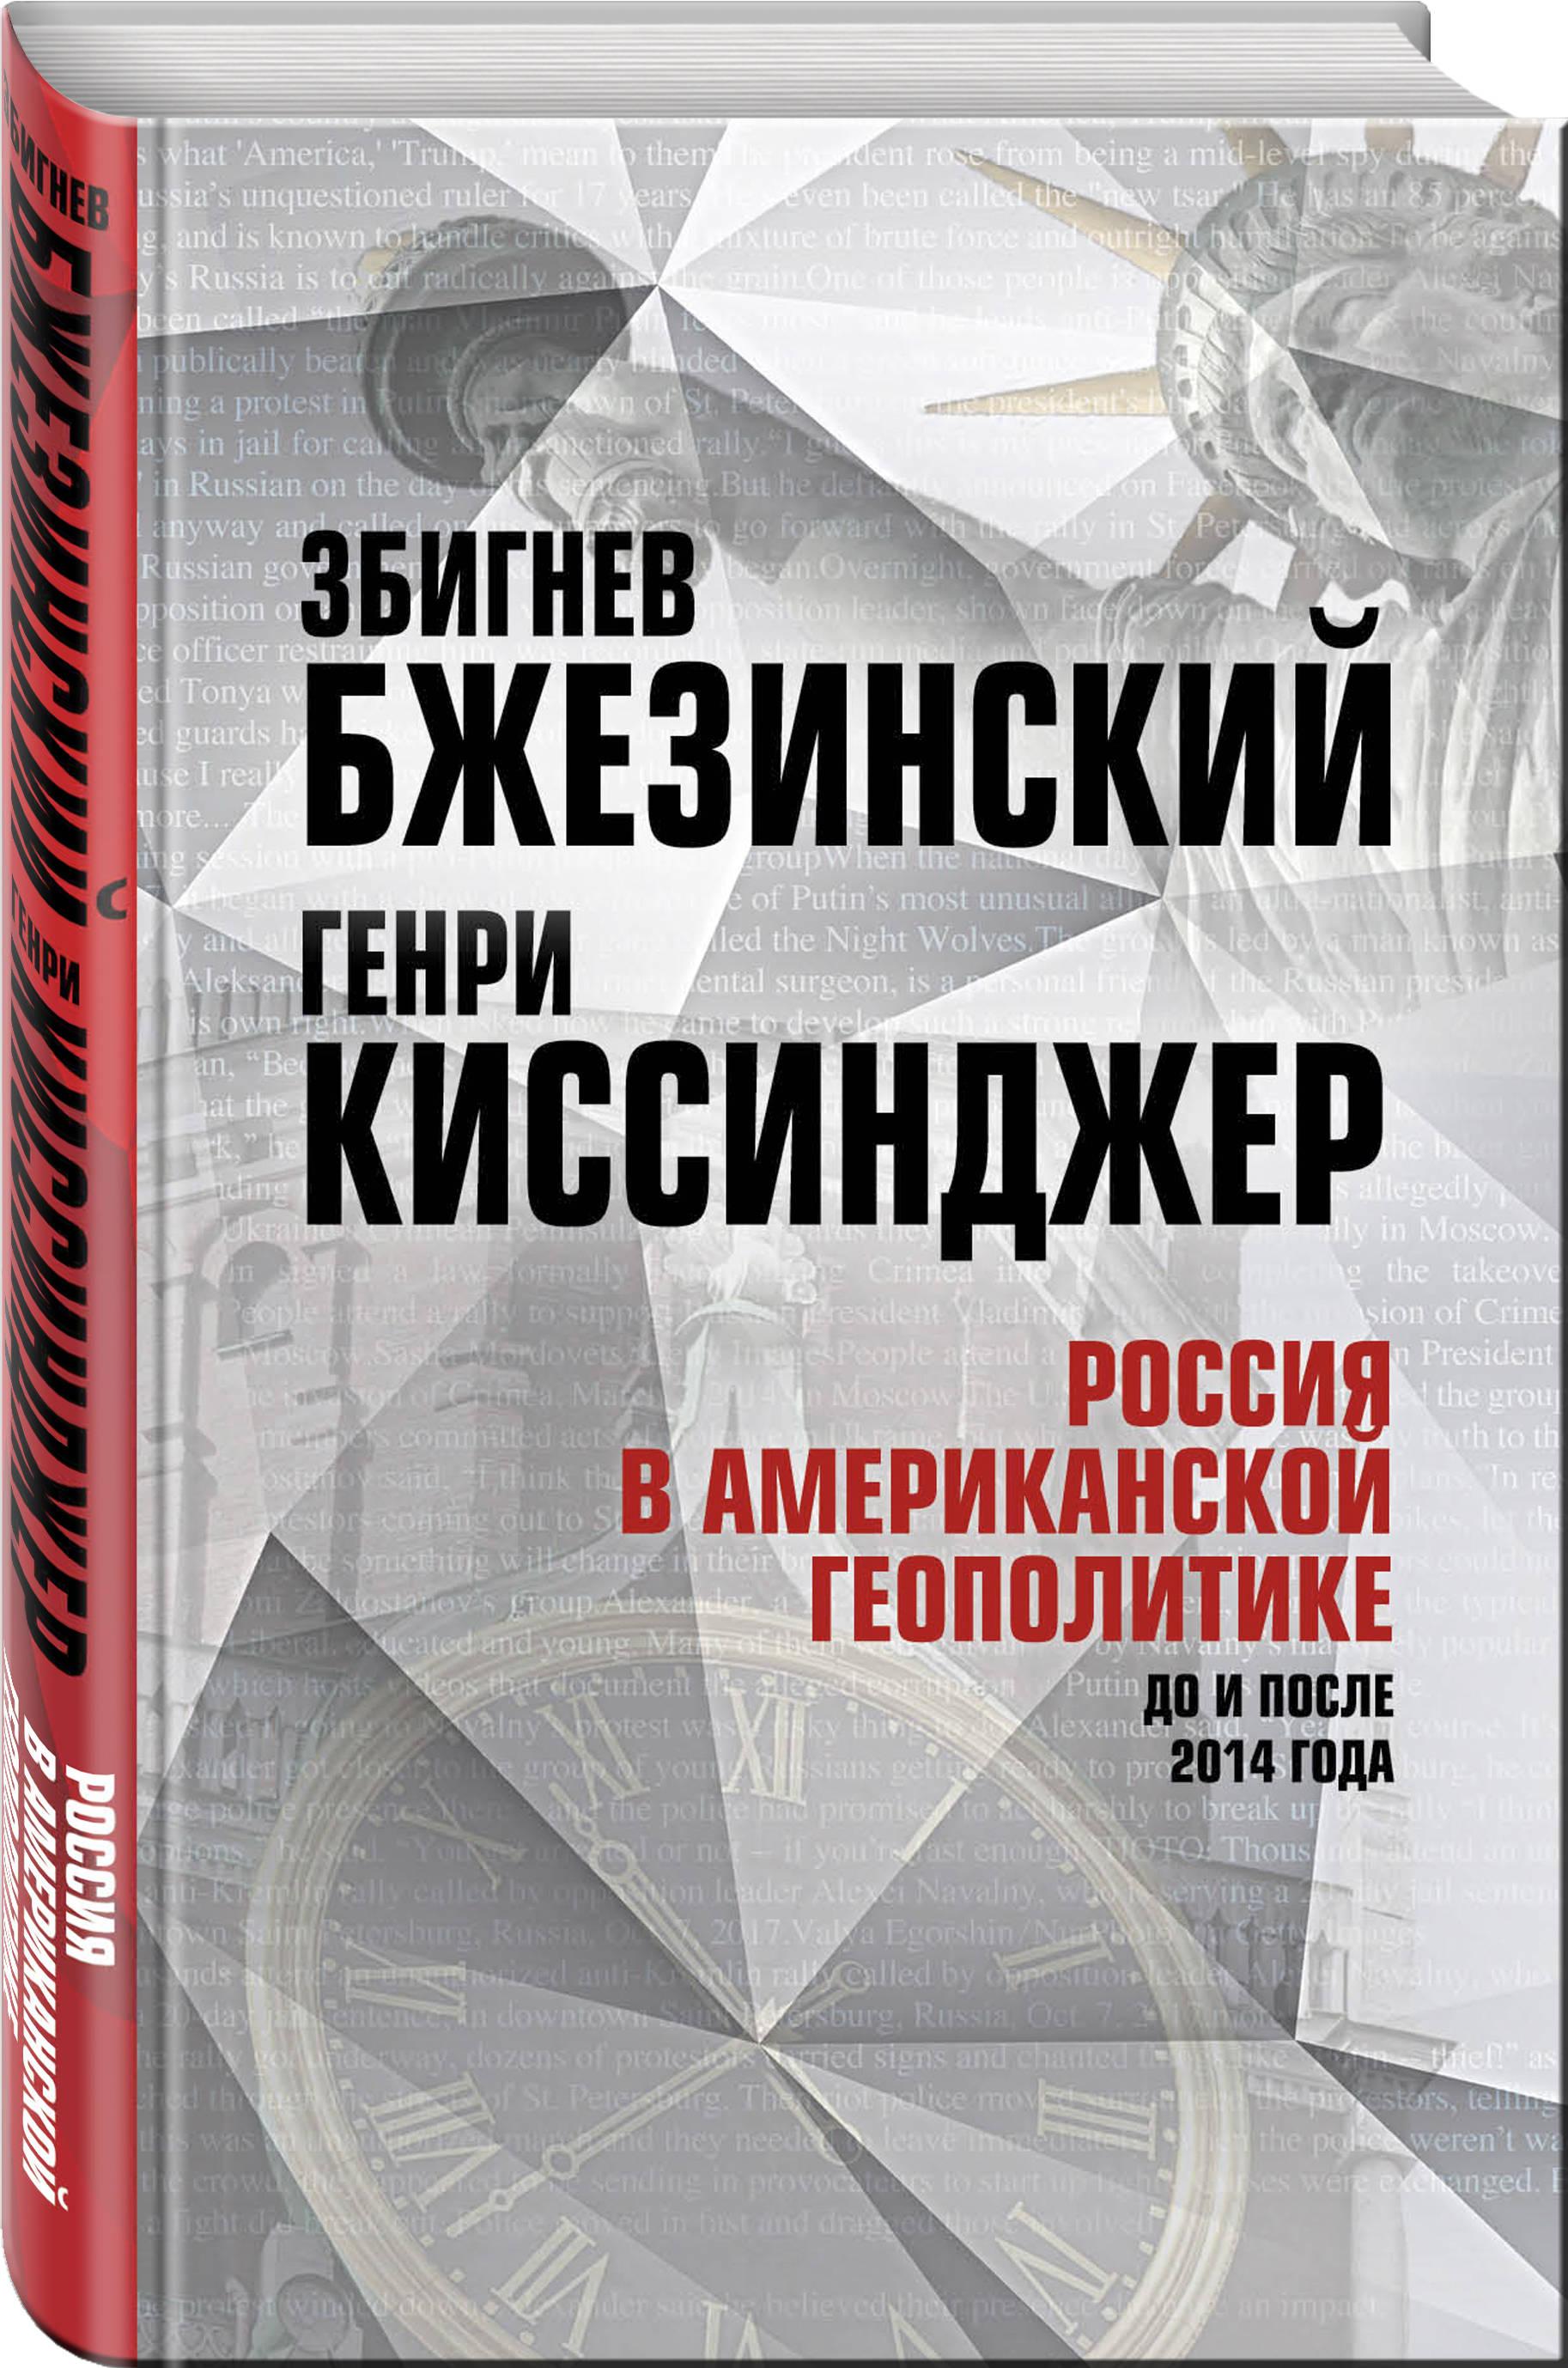 Збигнев Бжезинский, Генри Киссинджер Россия в американской геополитике. До и после 2014 года книги эксмо збигнев бжезинский украинский шанс для россии